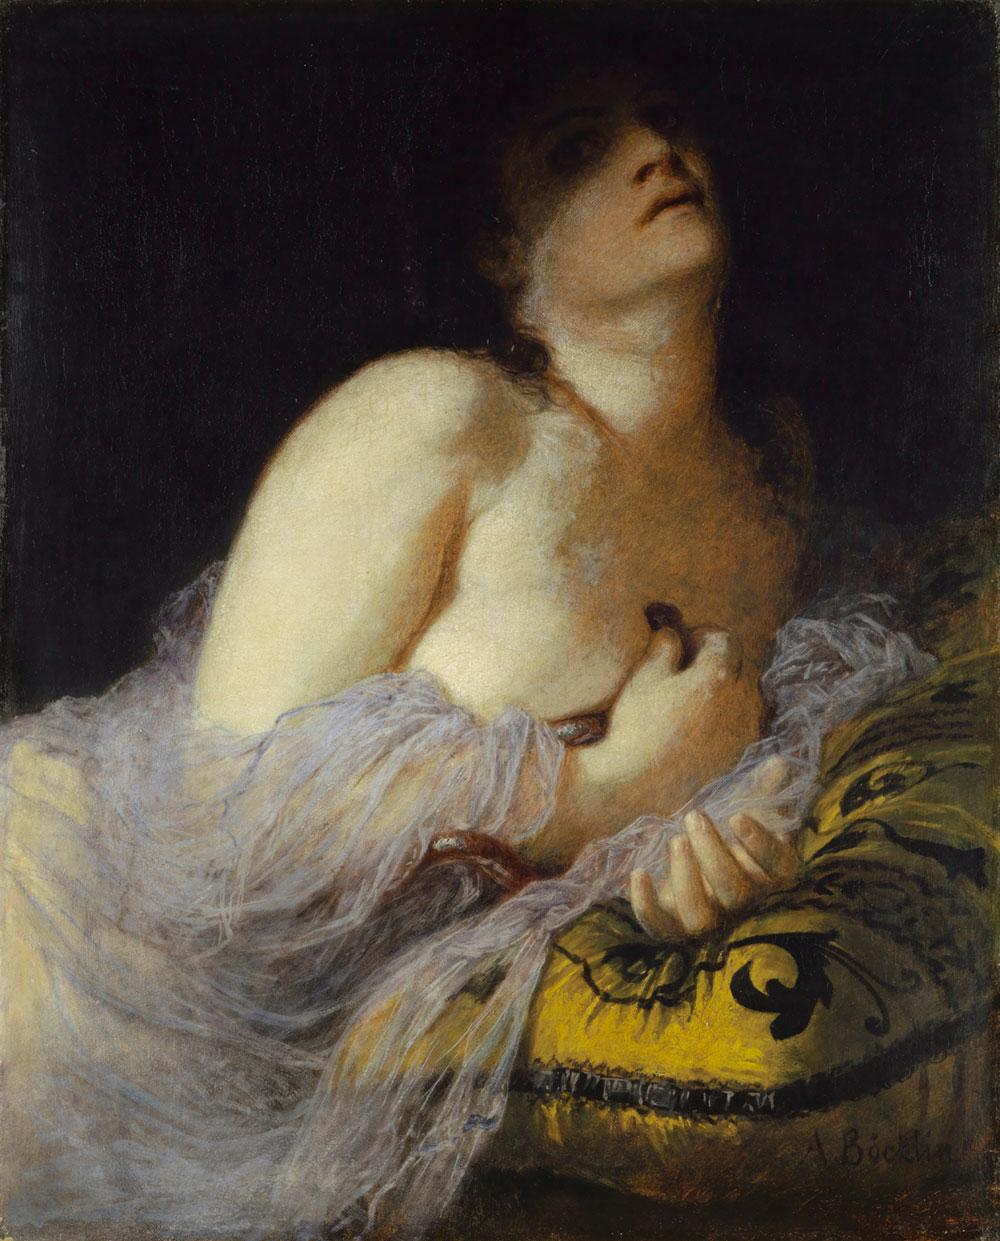 Alla Fondazione Magnani-Rocca a confronto la Cleopatra di Böcklin e Marilyn di Warhol